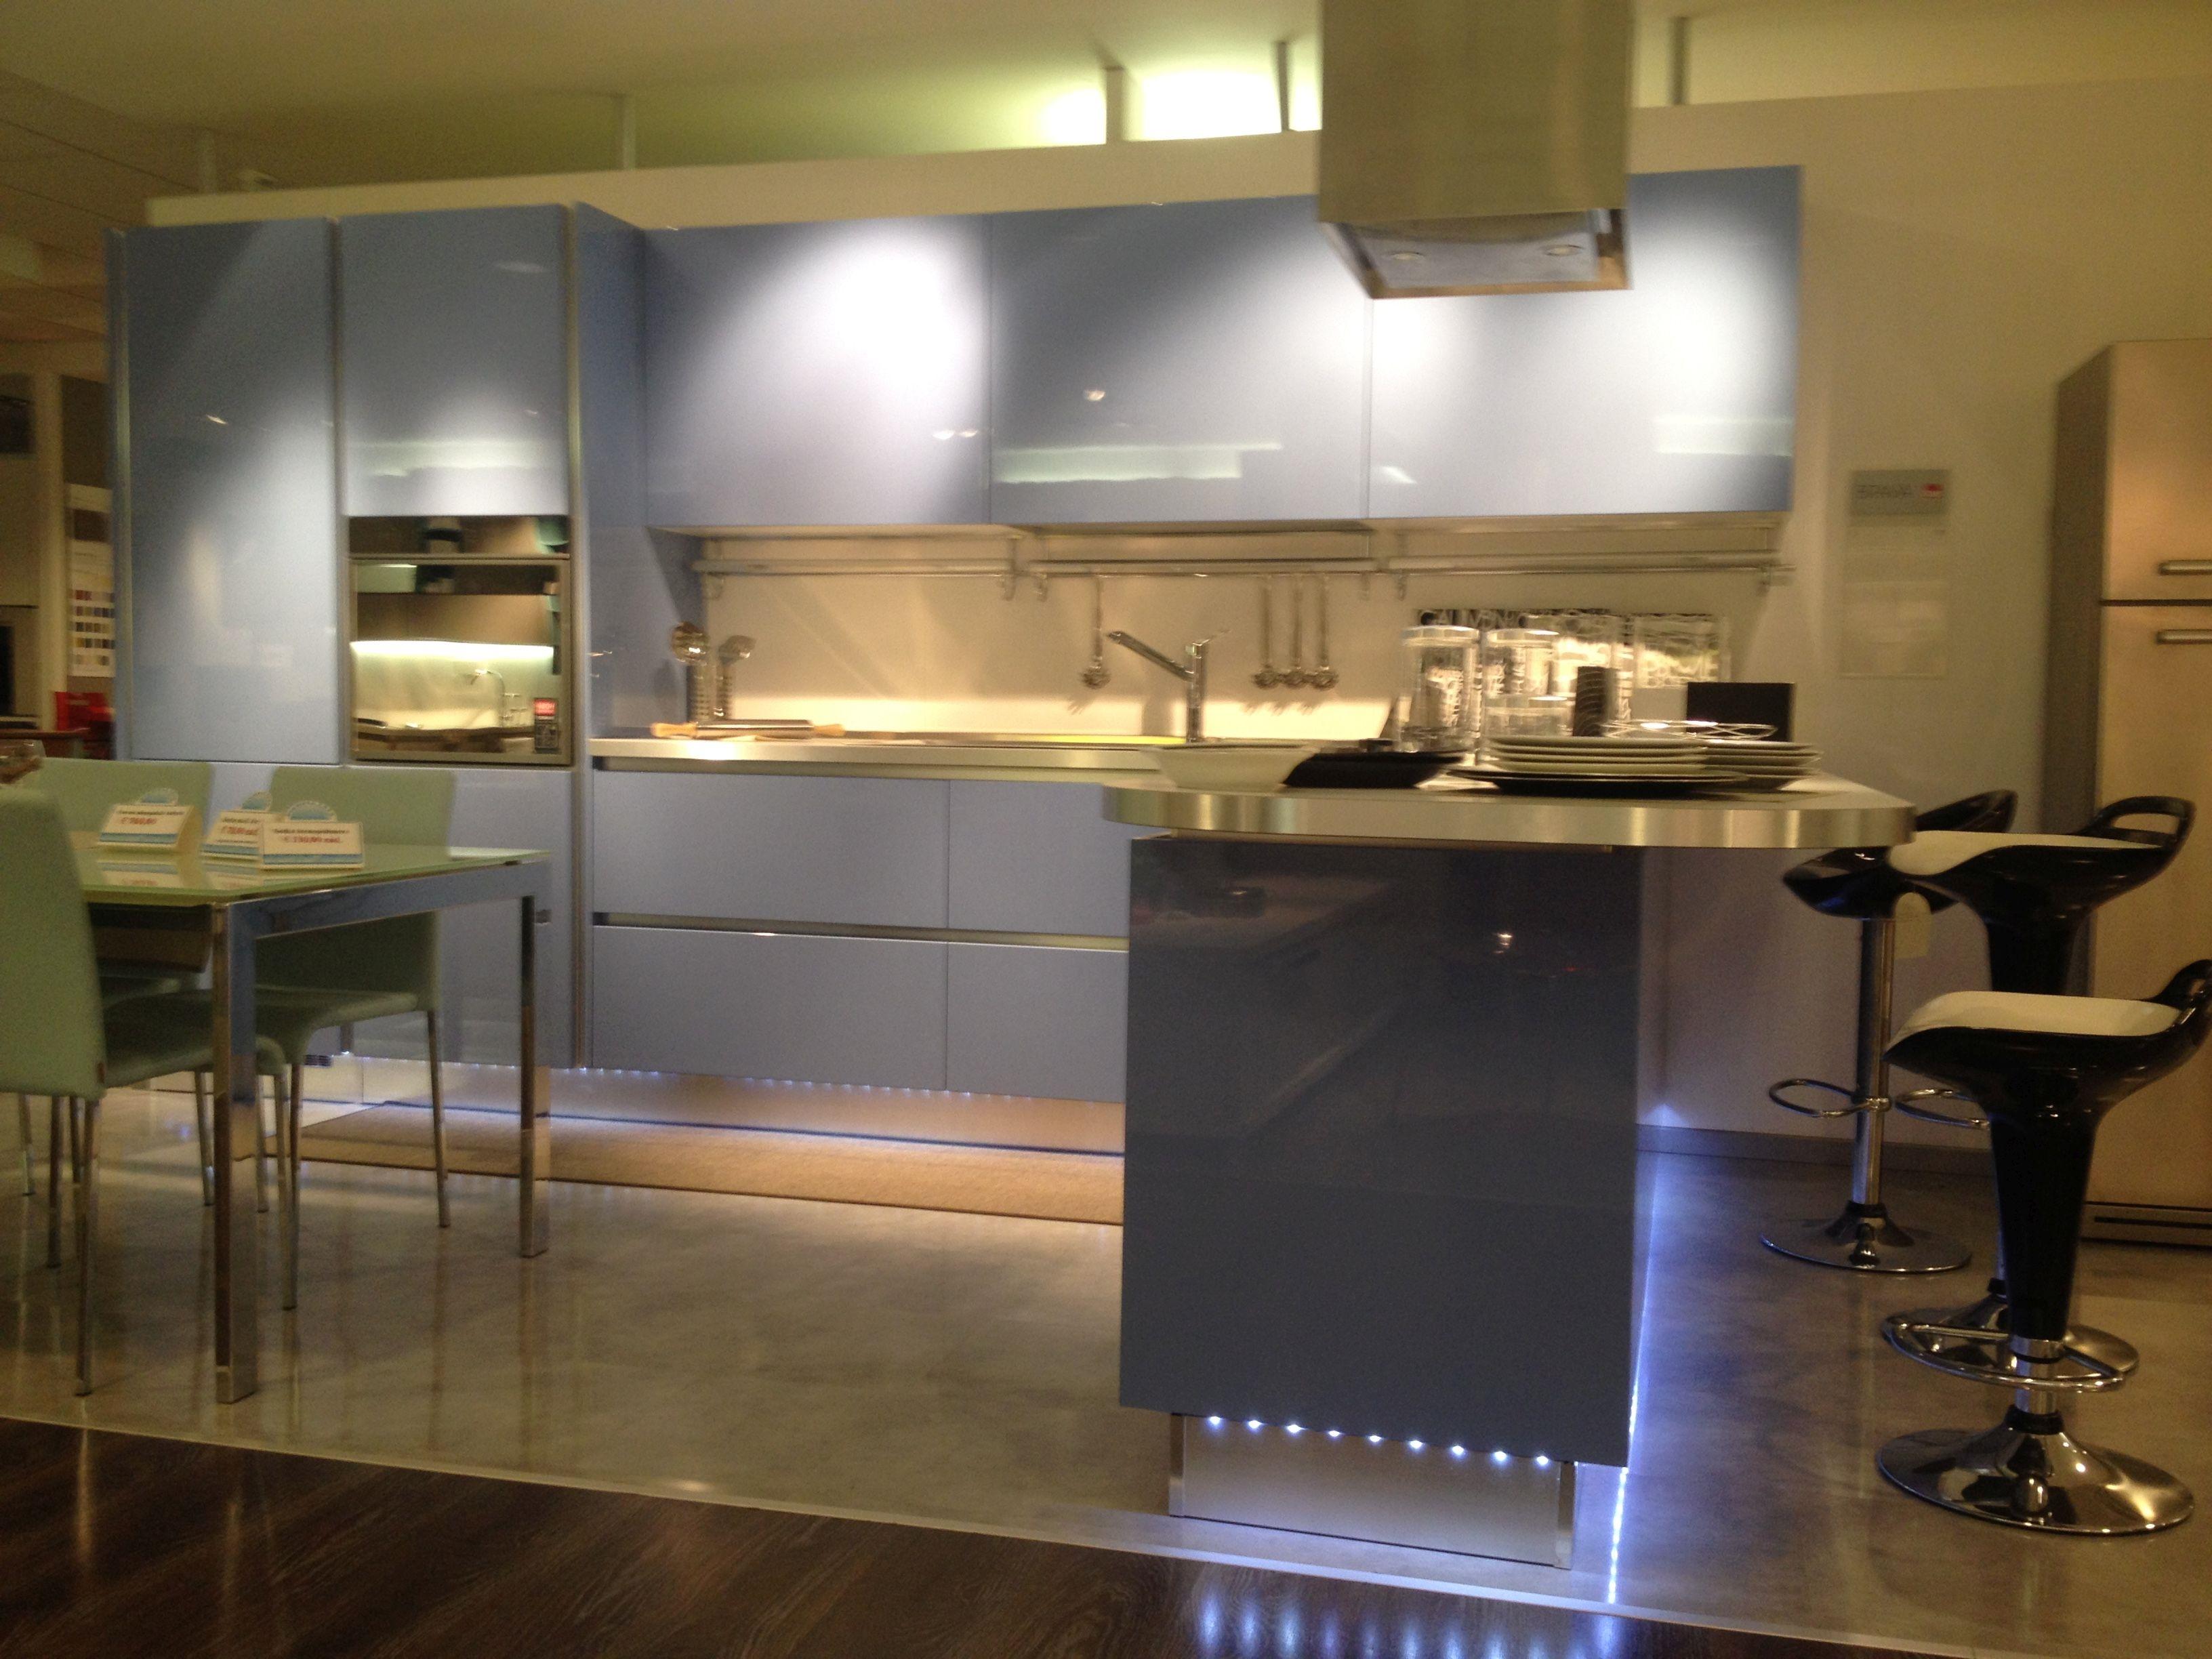 Cucina lube brava scontata del 50 cucine a prezzi - Cucine lube brava ...